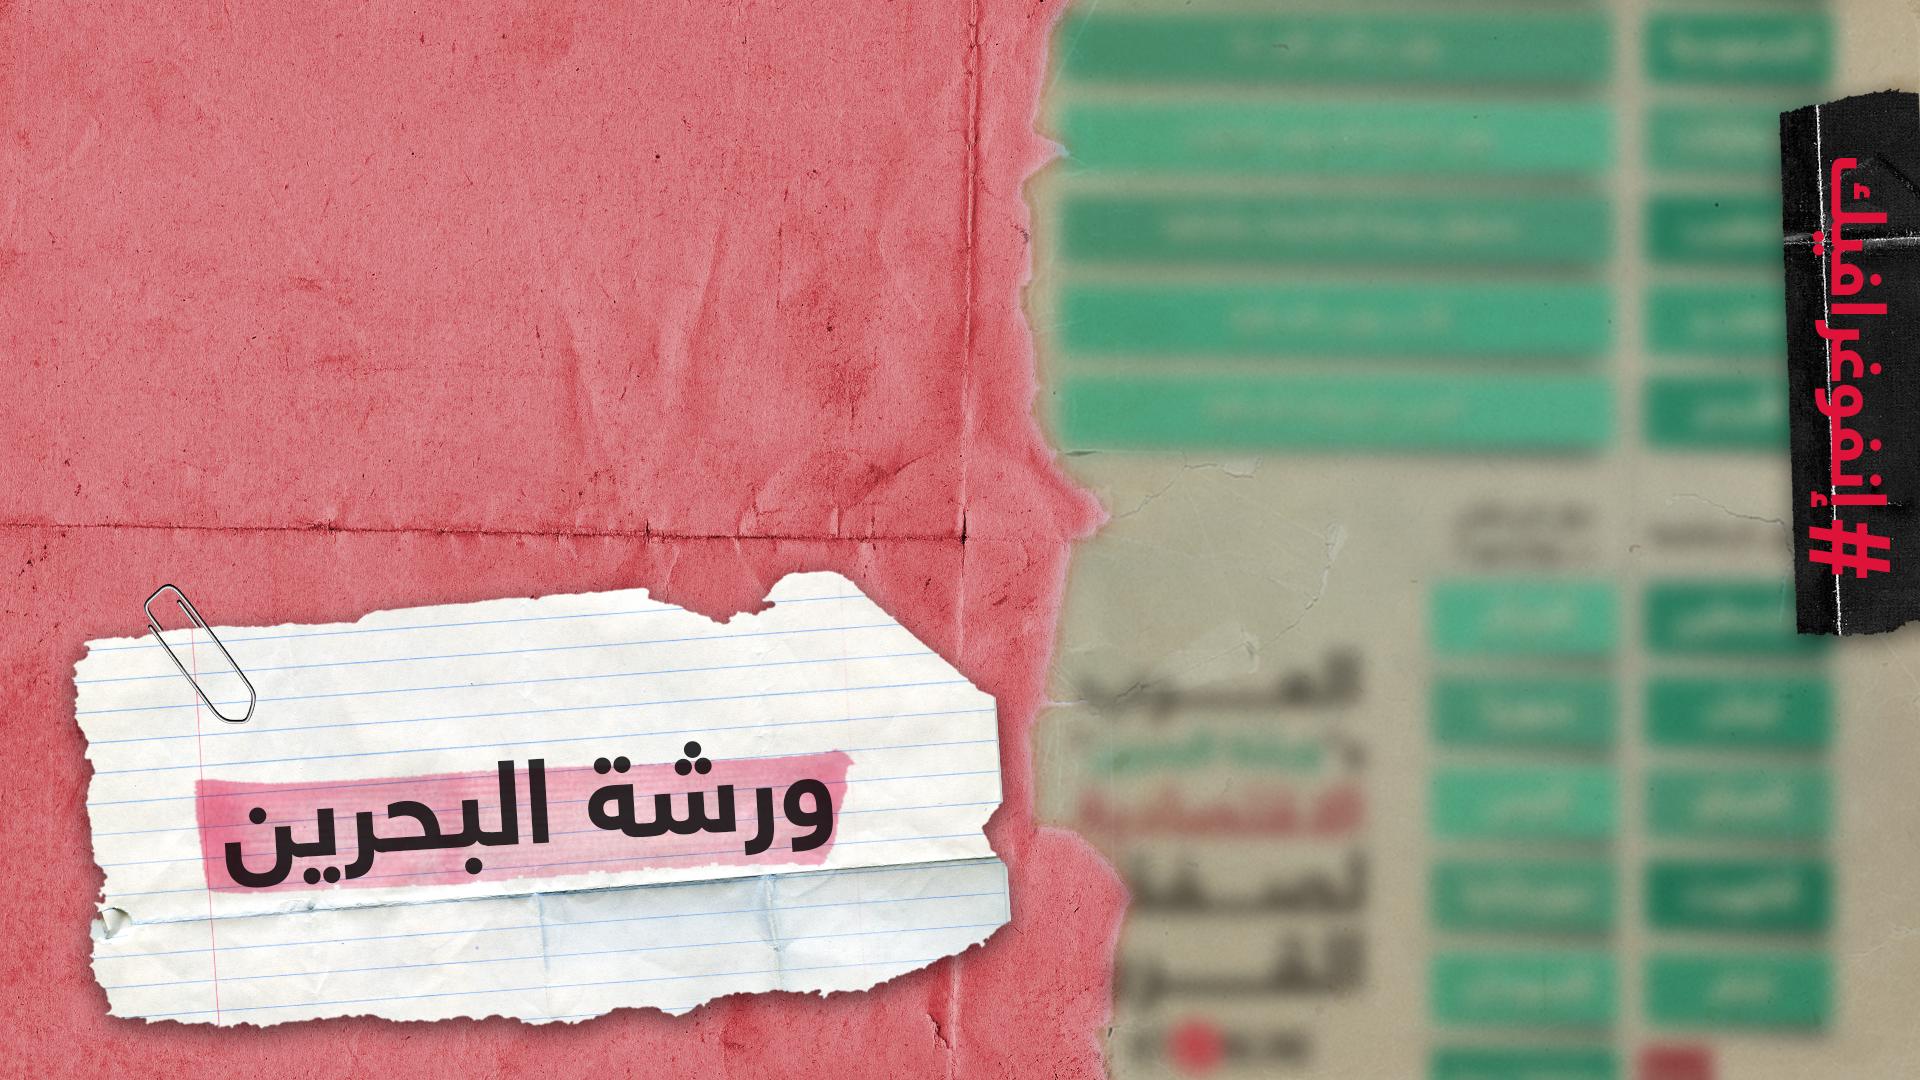 ما الدول المشاركة والمقاطعة لورشة البحرين؟